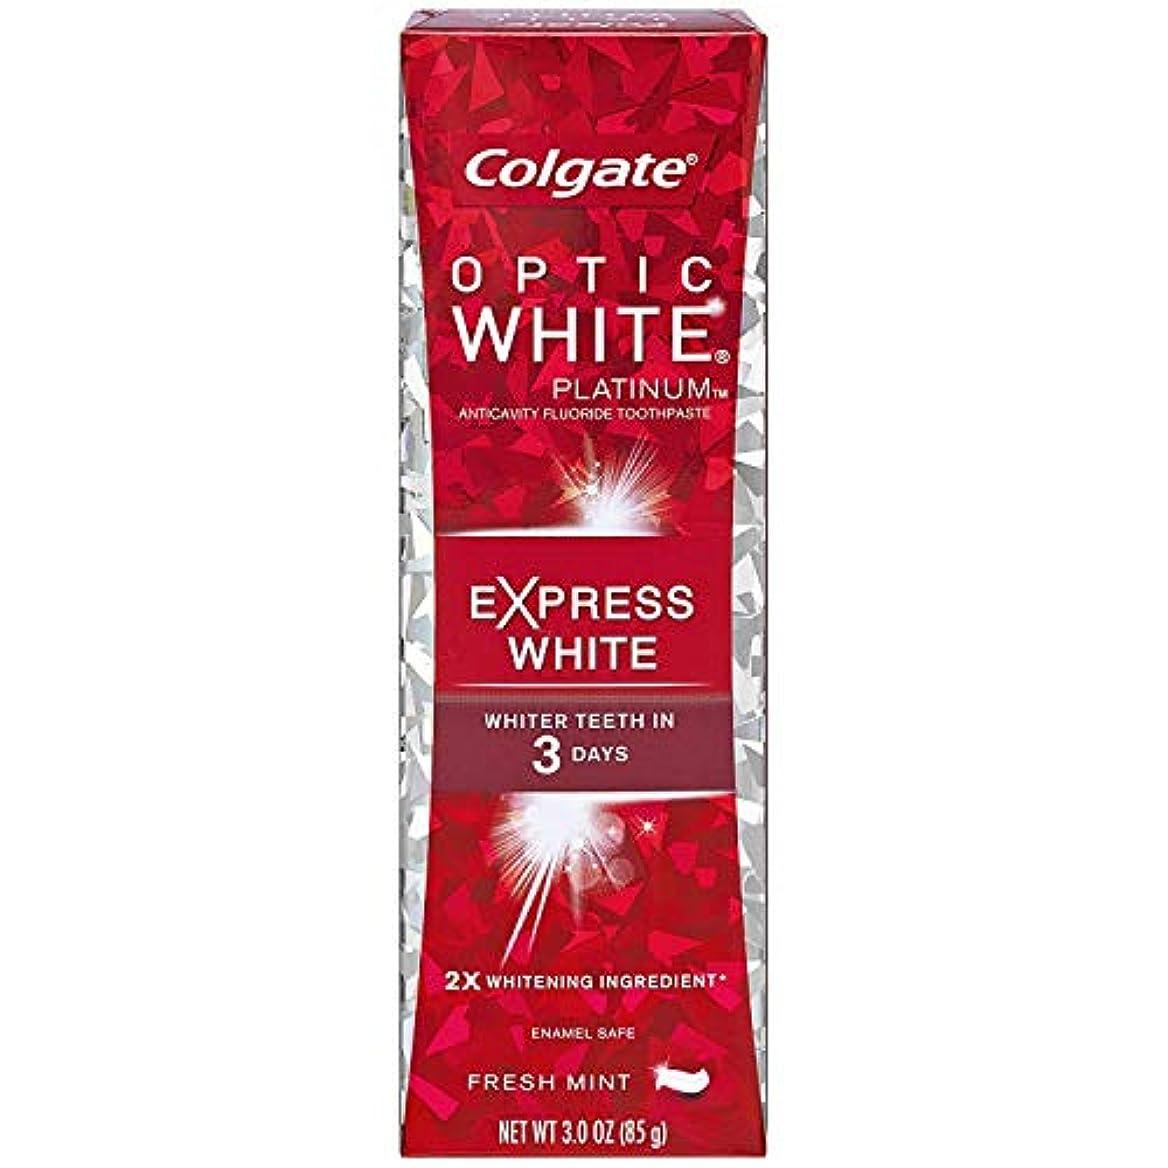 地図政治家目の前のコルゲート 歯みがき粉 オプティック ホワイト 3Days エクスプレス ホワイト(4 パック)